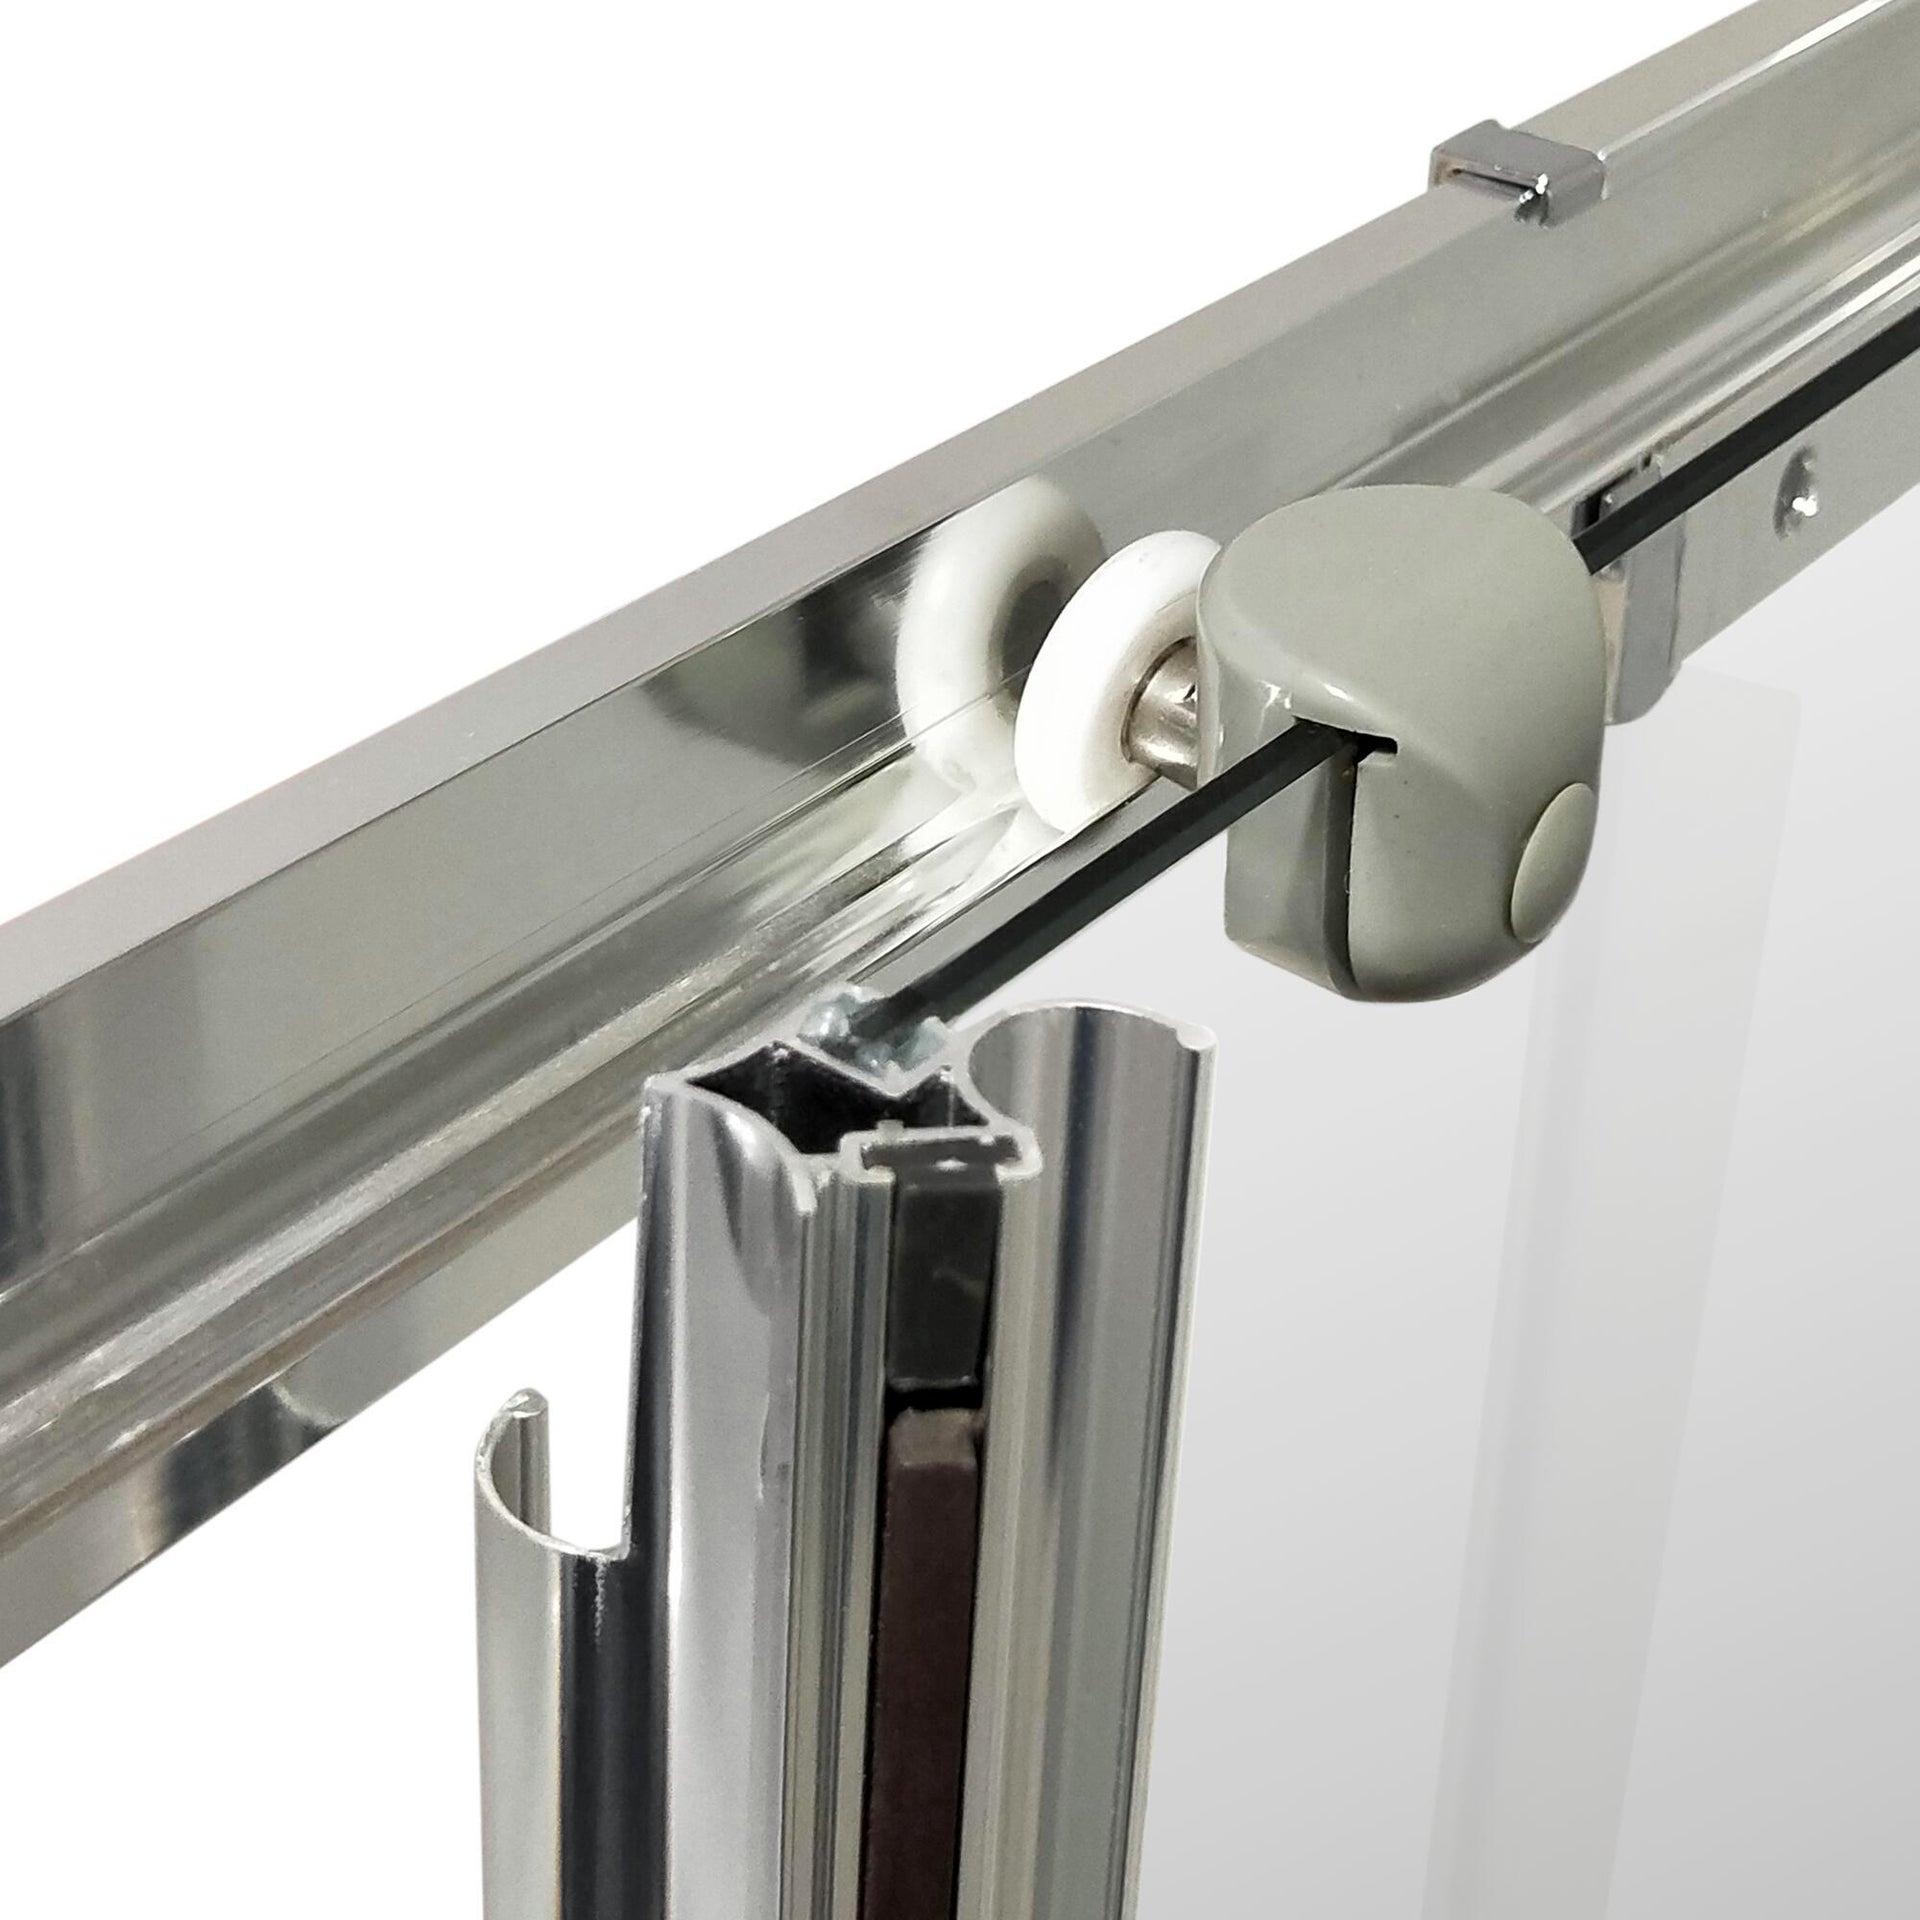 Box doccia rettangolare scorrevole Essential 70 x 100 cm, H 185 cm in vetro temprato, spessore 4 mm trasparente cromato - 2